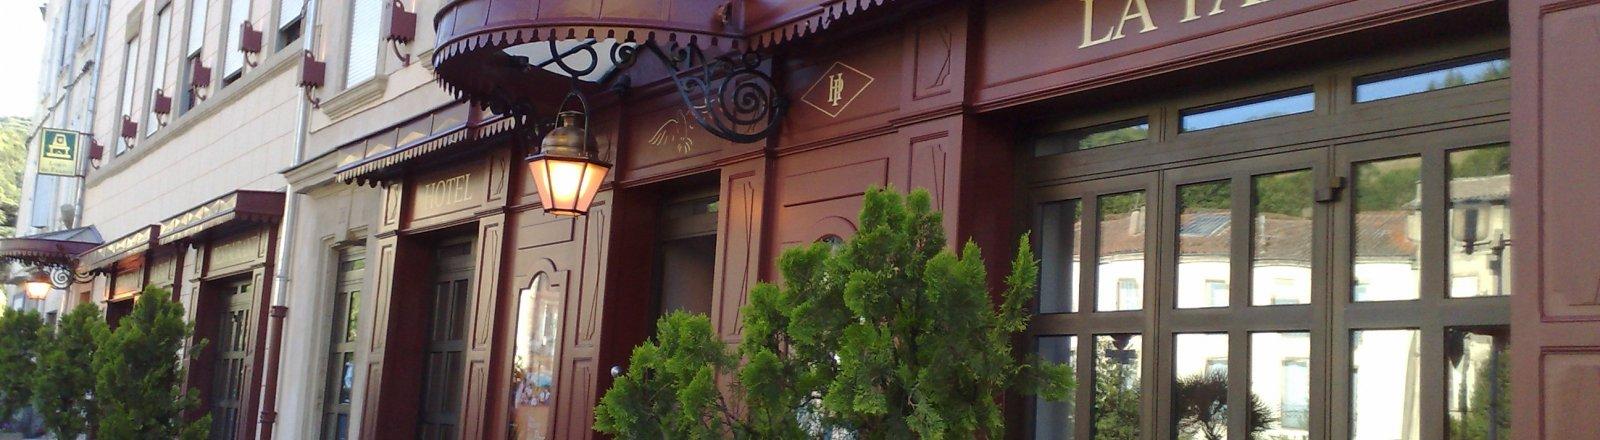 HOTEL RESTAURANT DE LA PAIX © Hôtel de la Paix